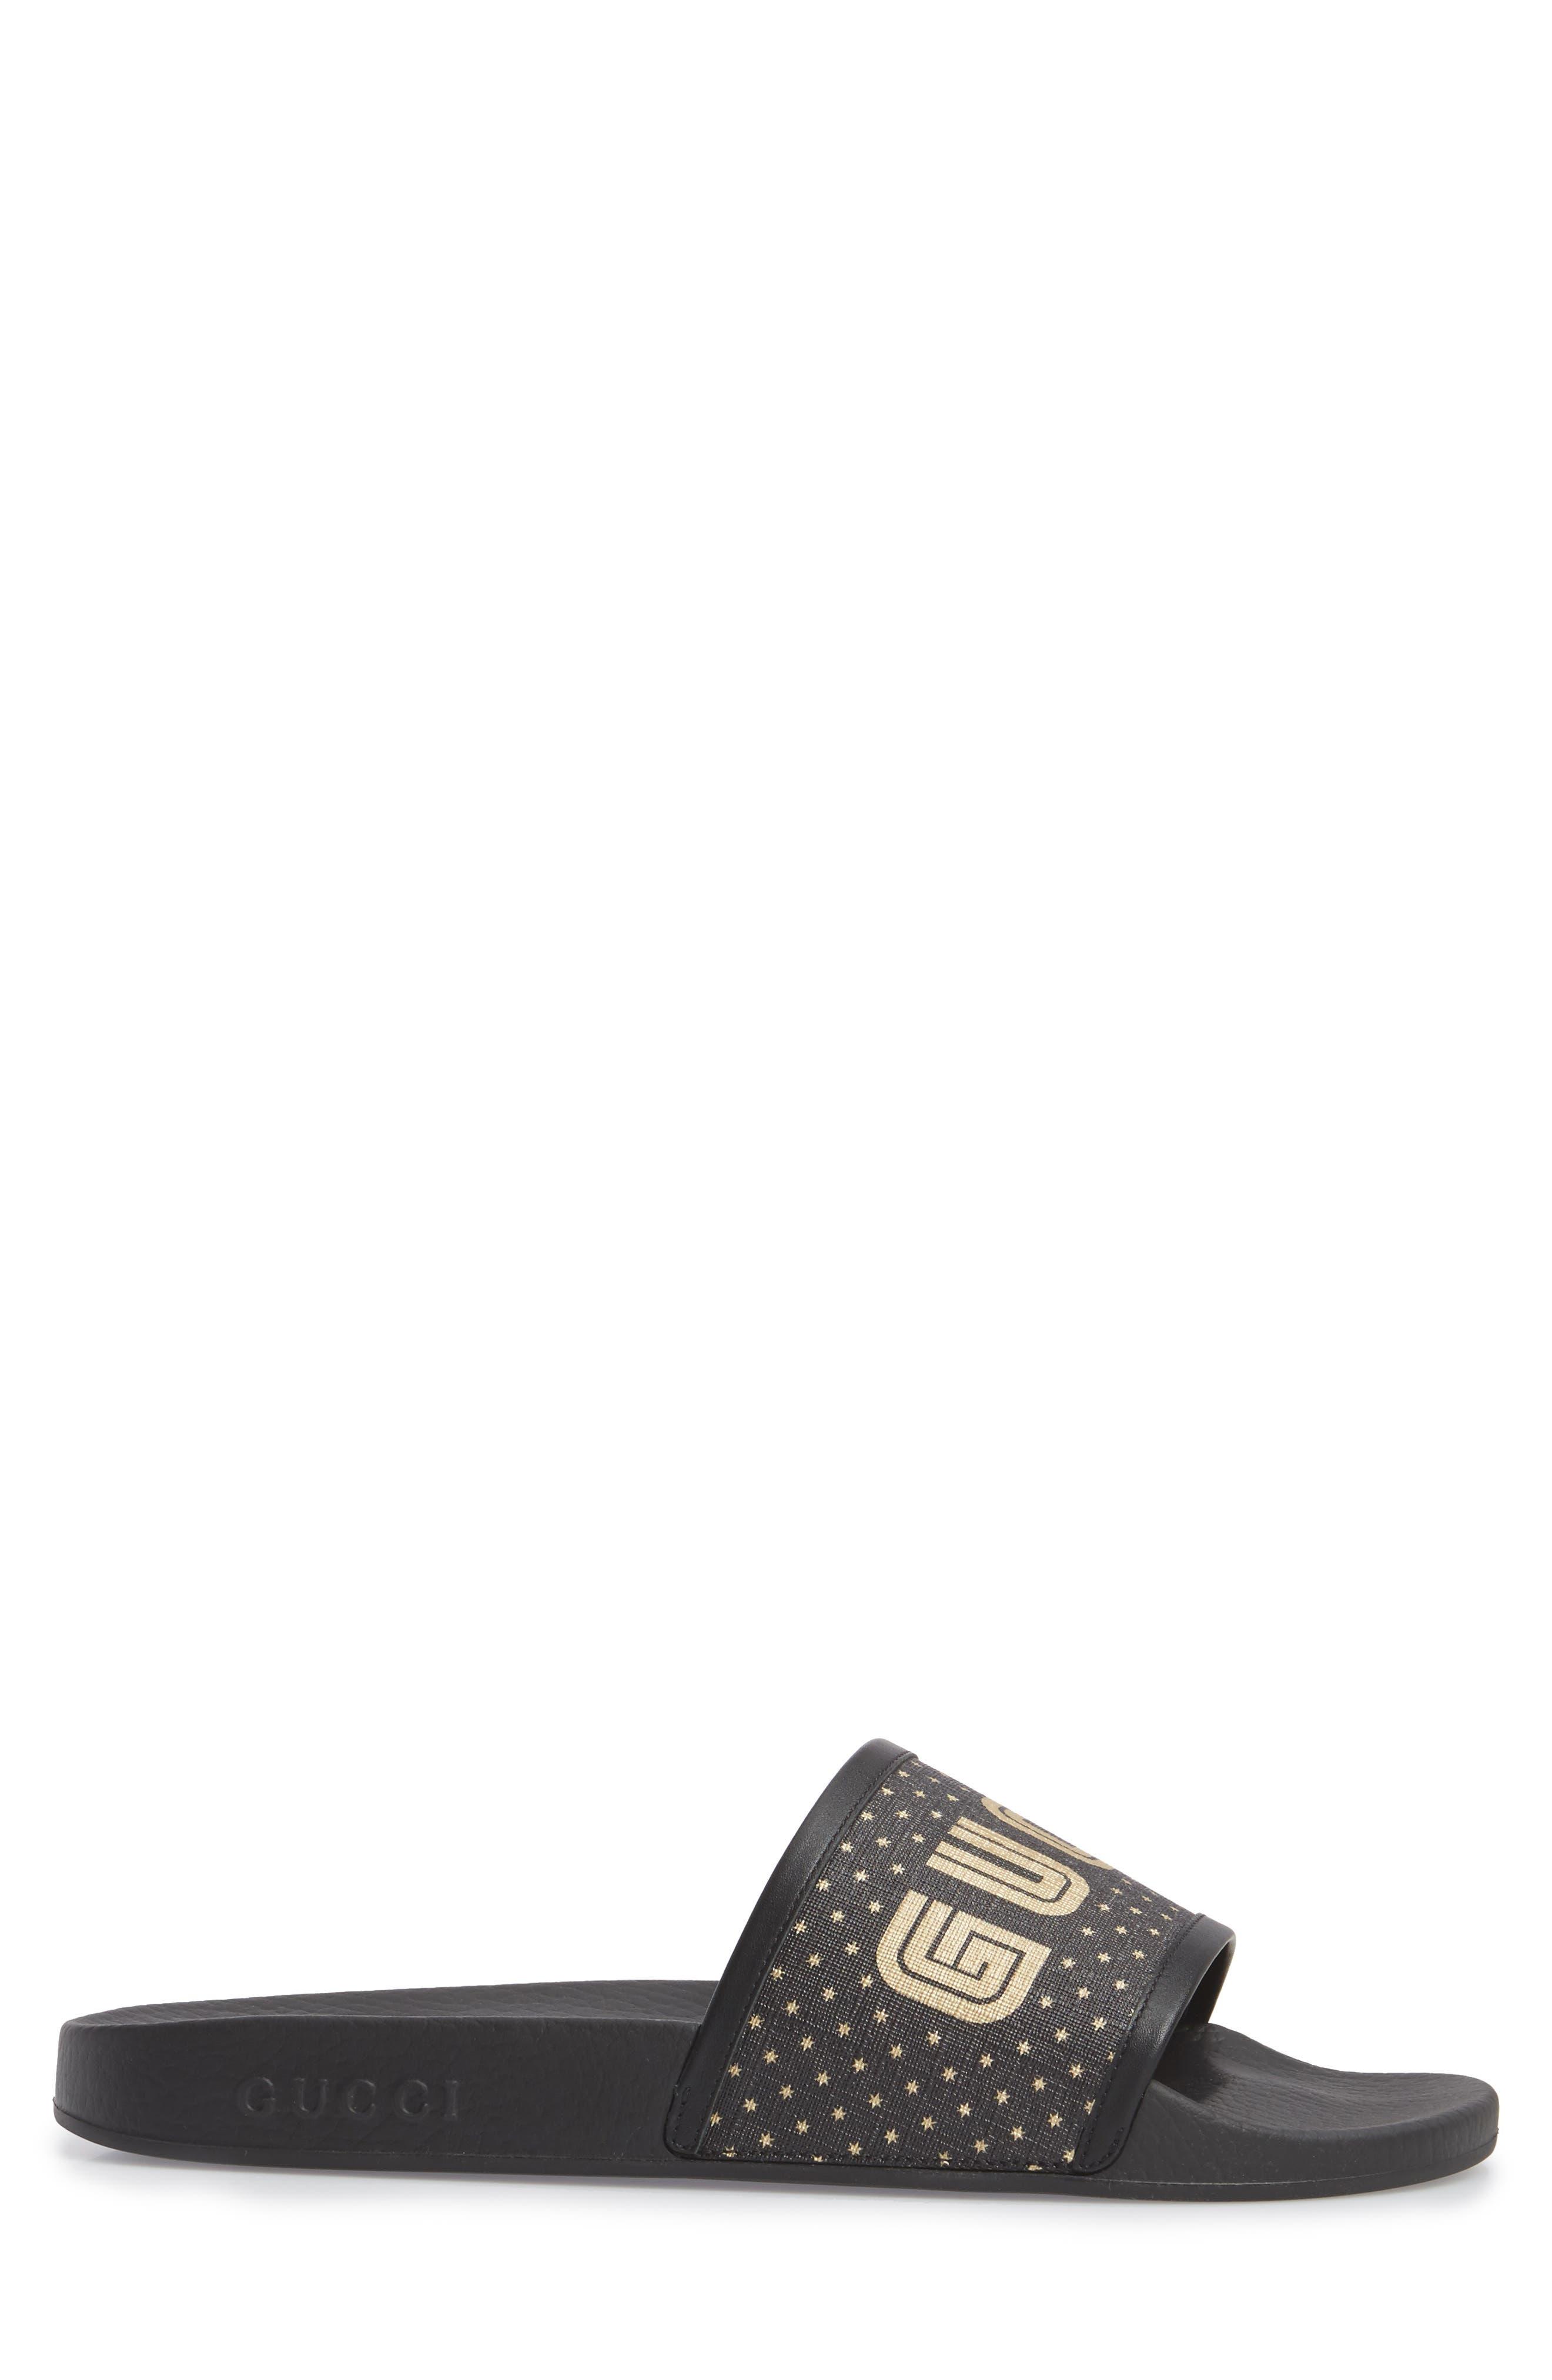 Pursuit Guccy Slide Sandal,                             Alternate thumbnail 3, color,                             Nero